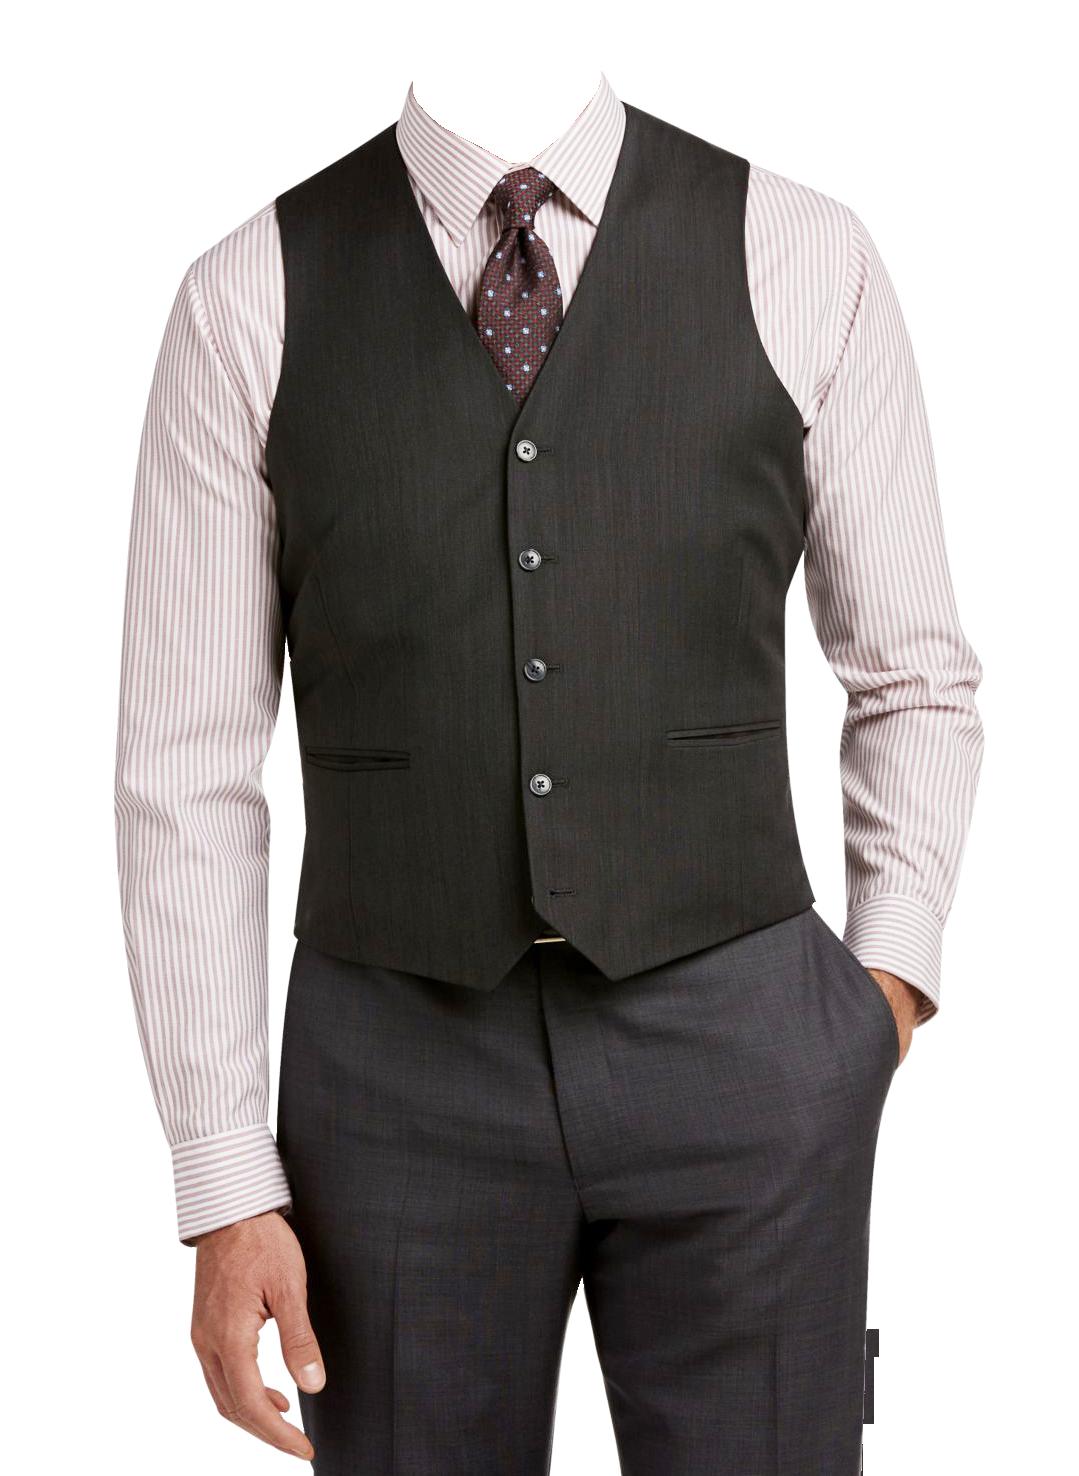 Men png image purepng. Suit clipart suit vest